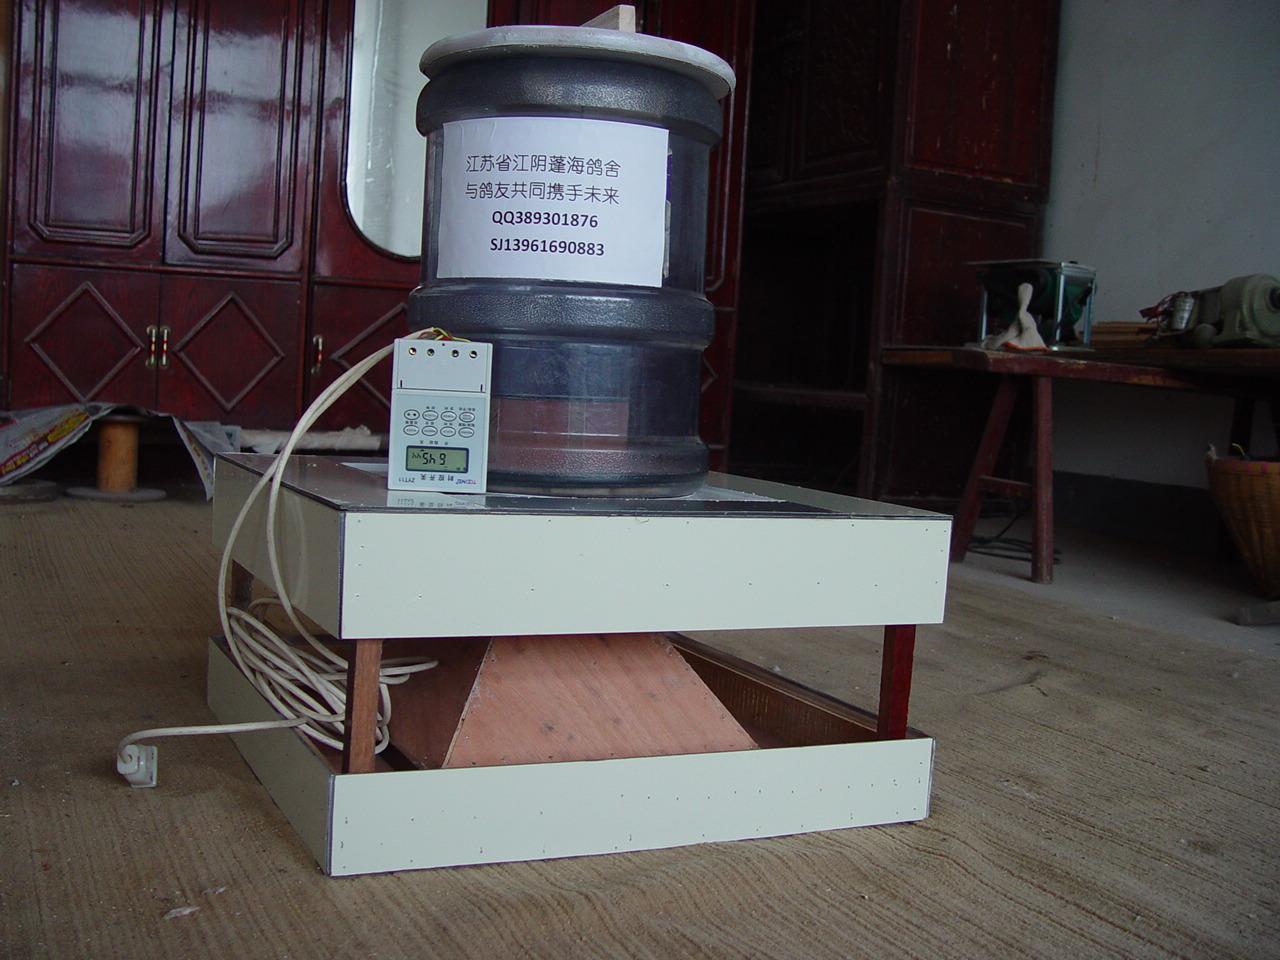 中国信鸽信息网论坛 鸽舍建设 论坛文件展示